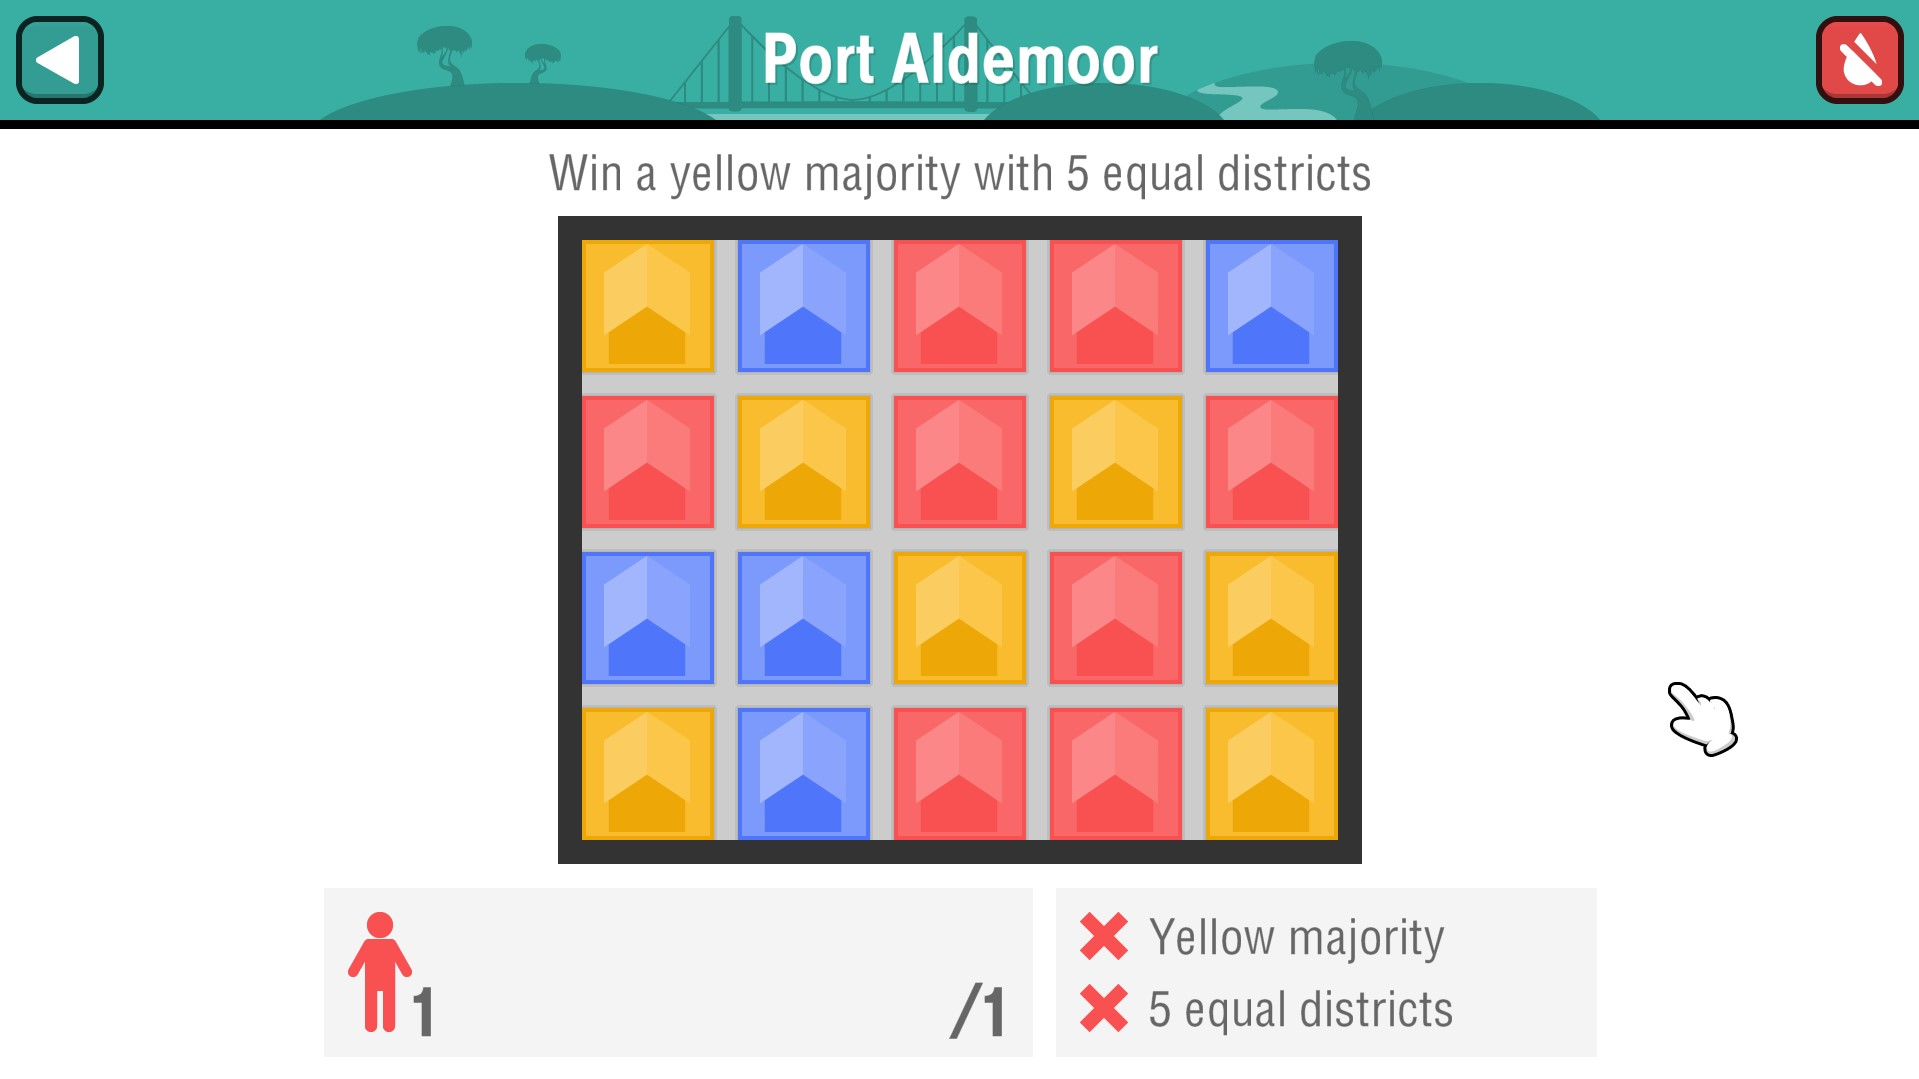 Port Aldemoor